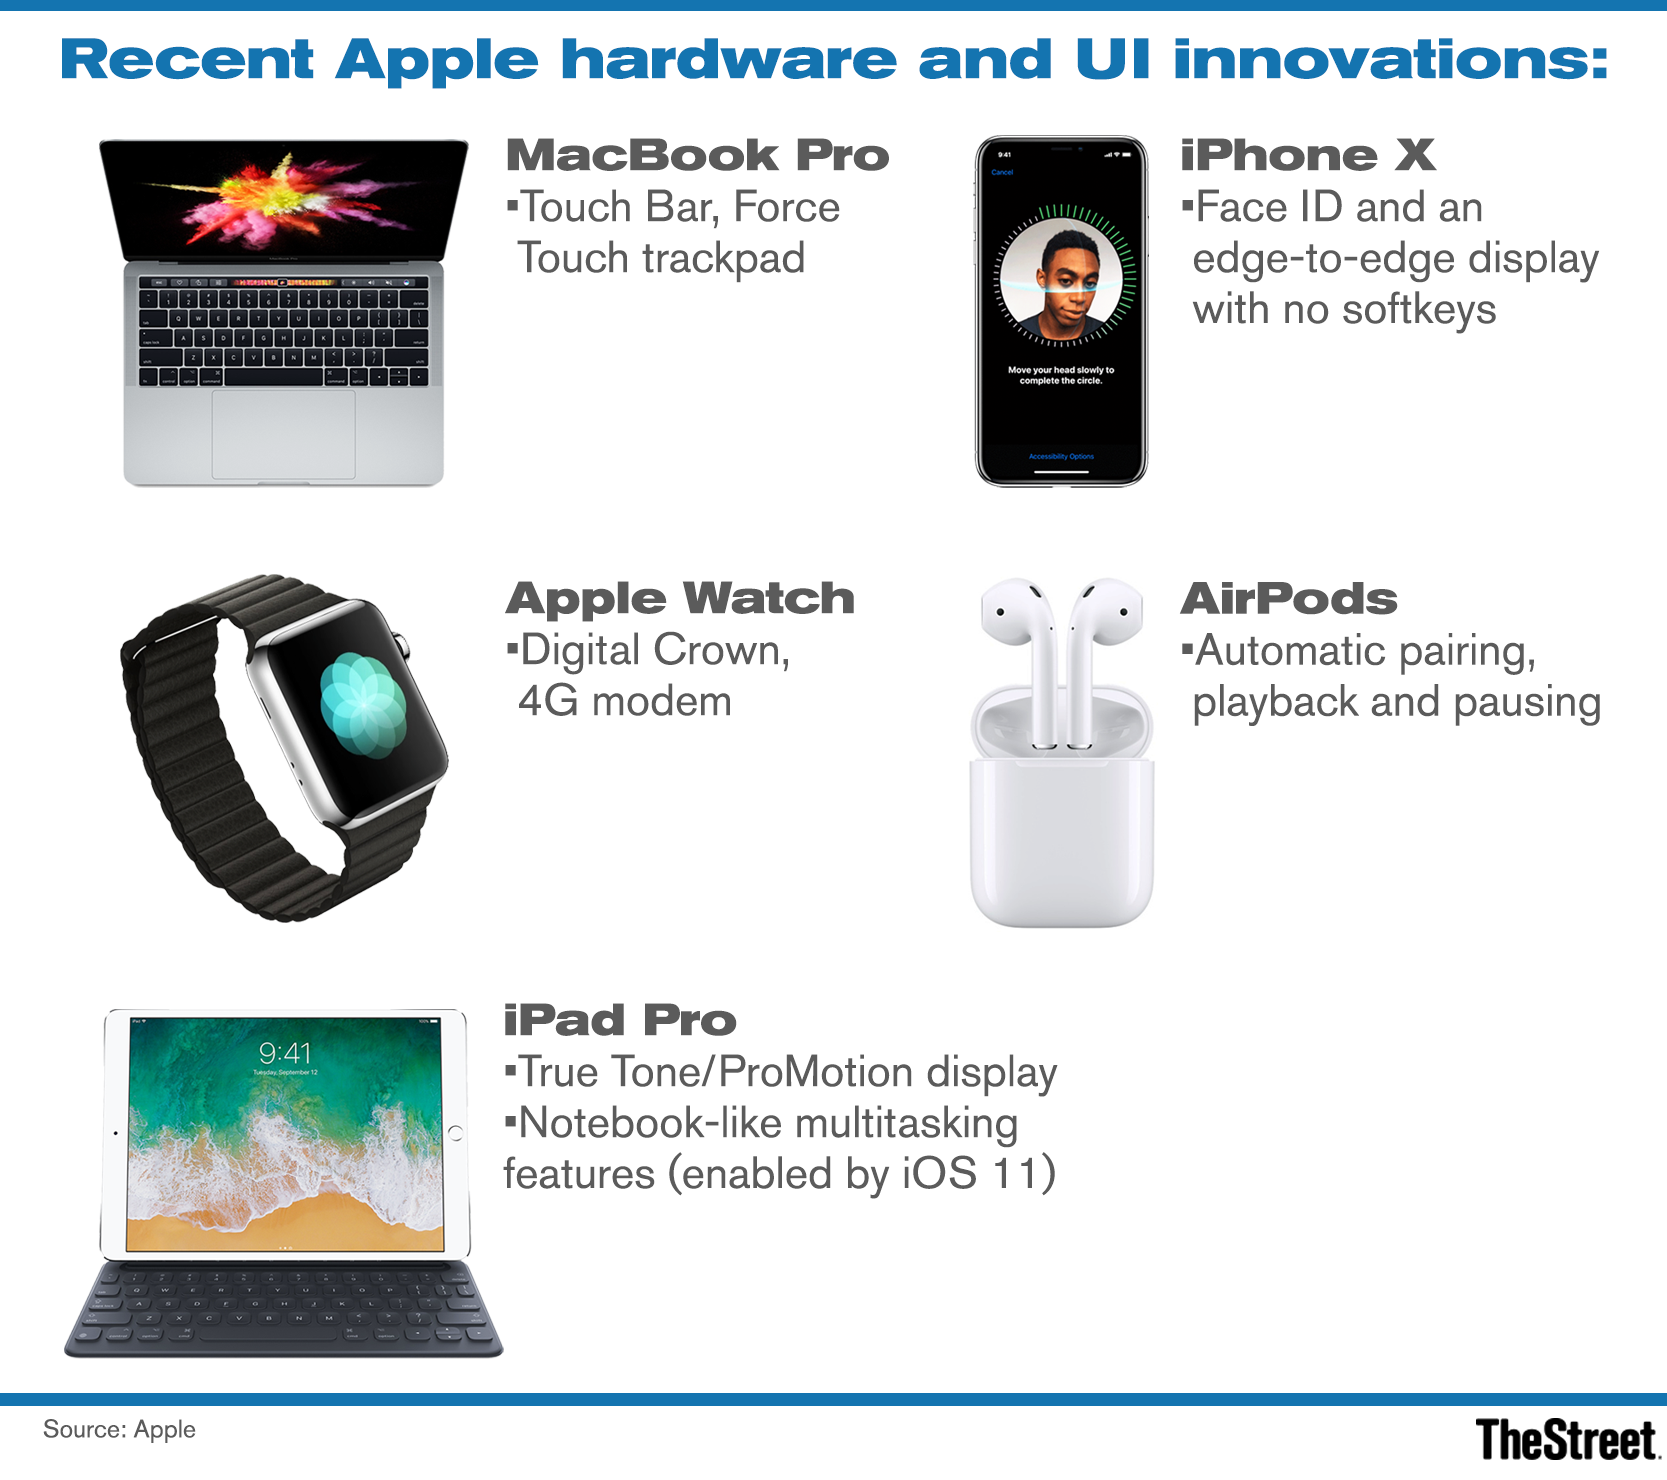 ۵ پیشبینی برای اپل در سال ۲۰۱۸